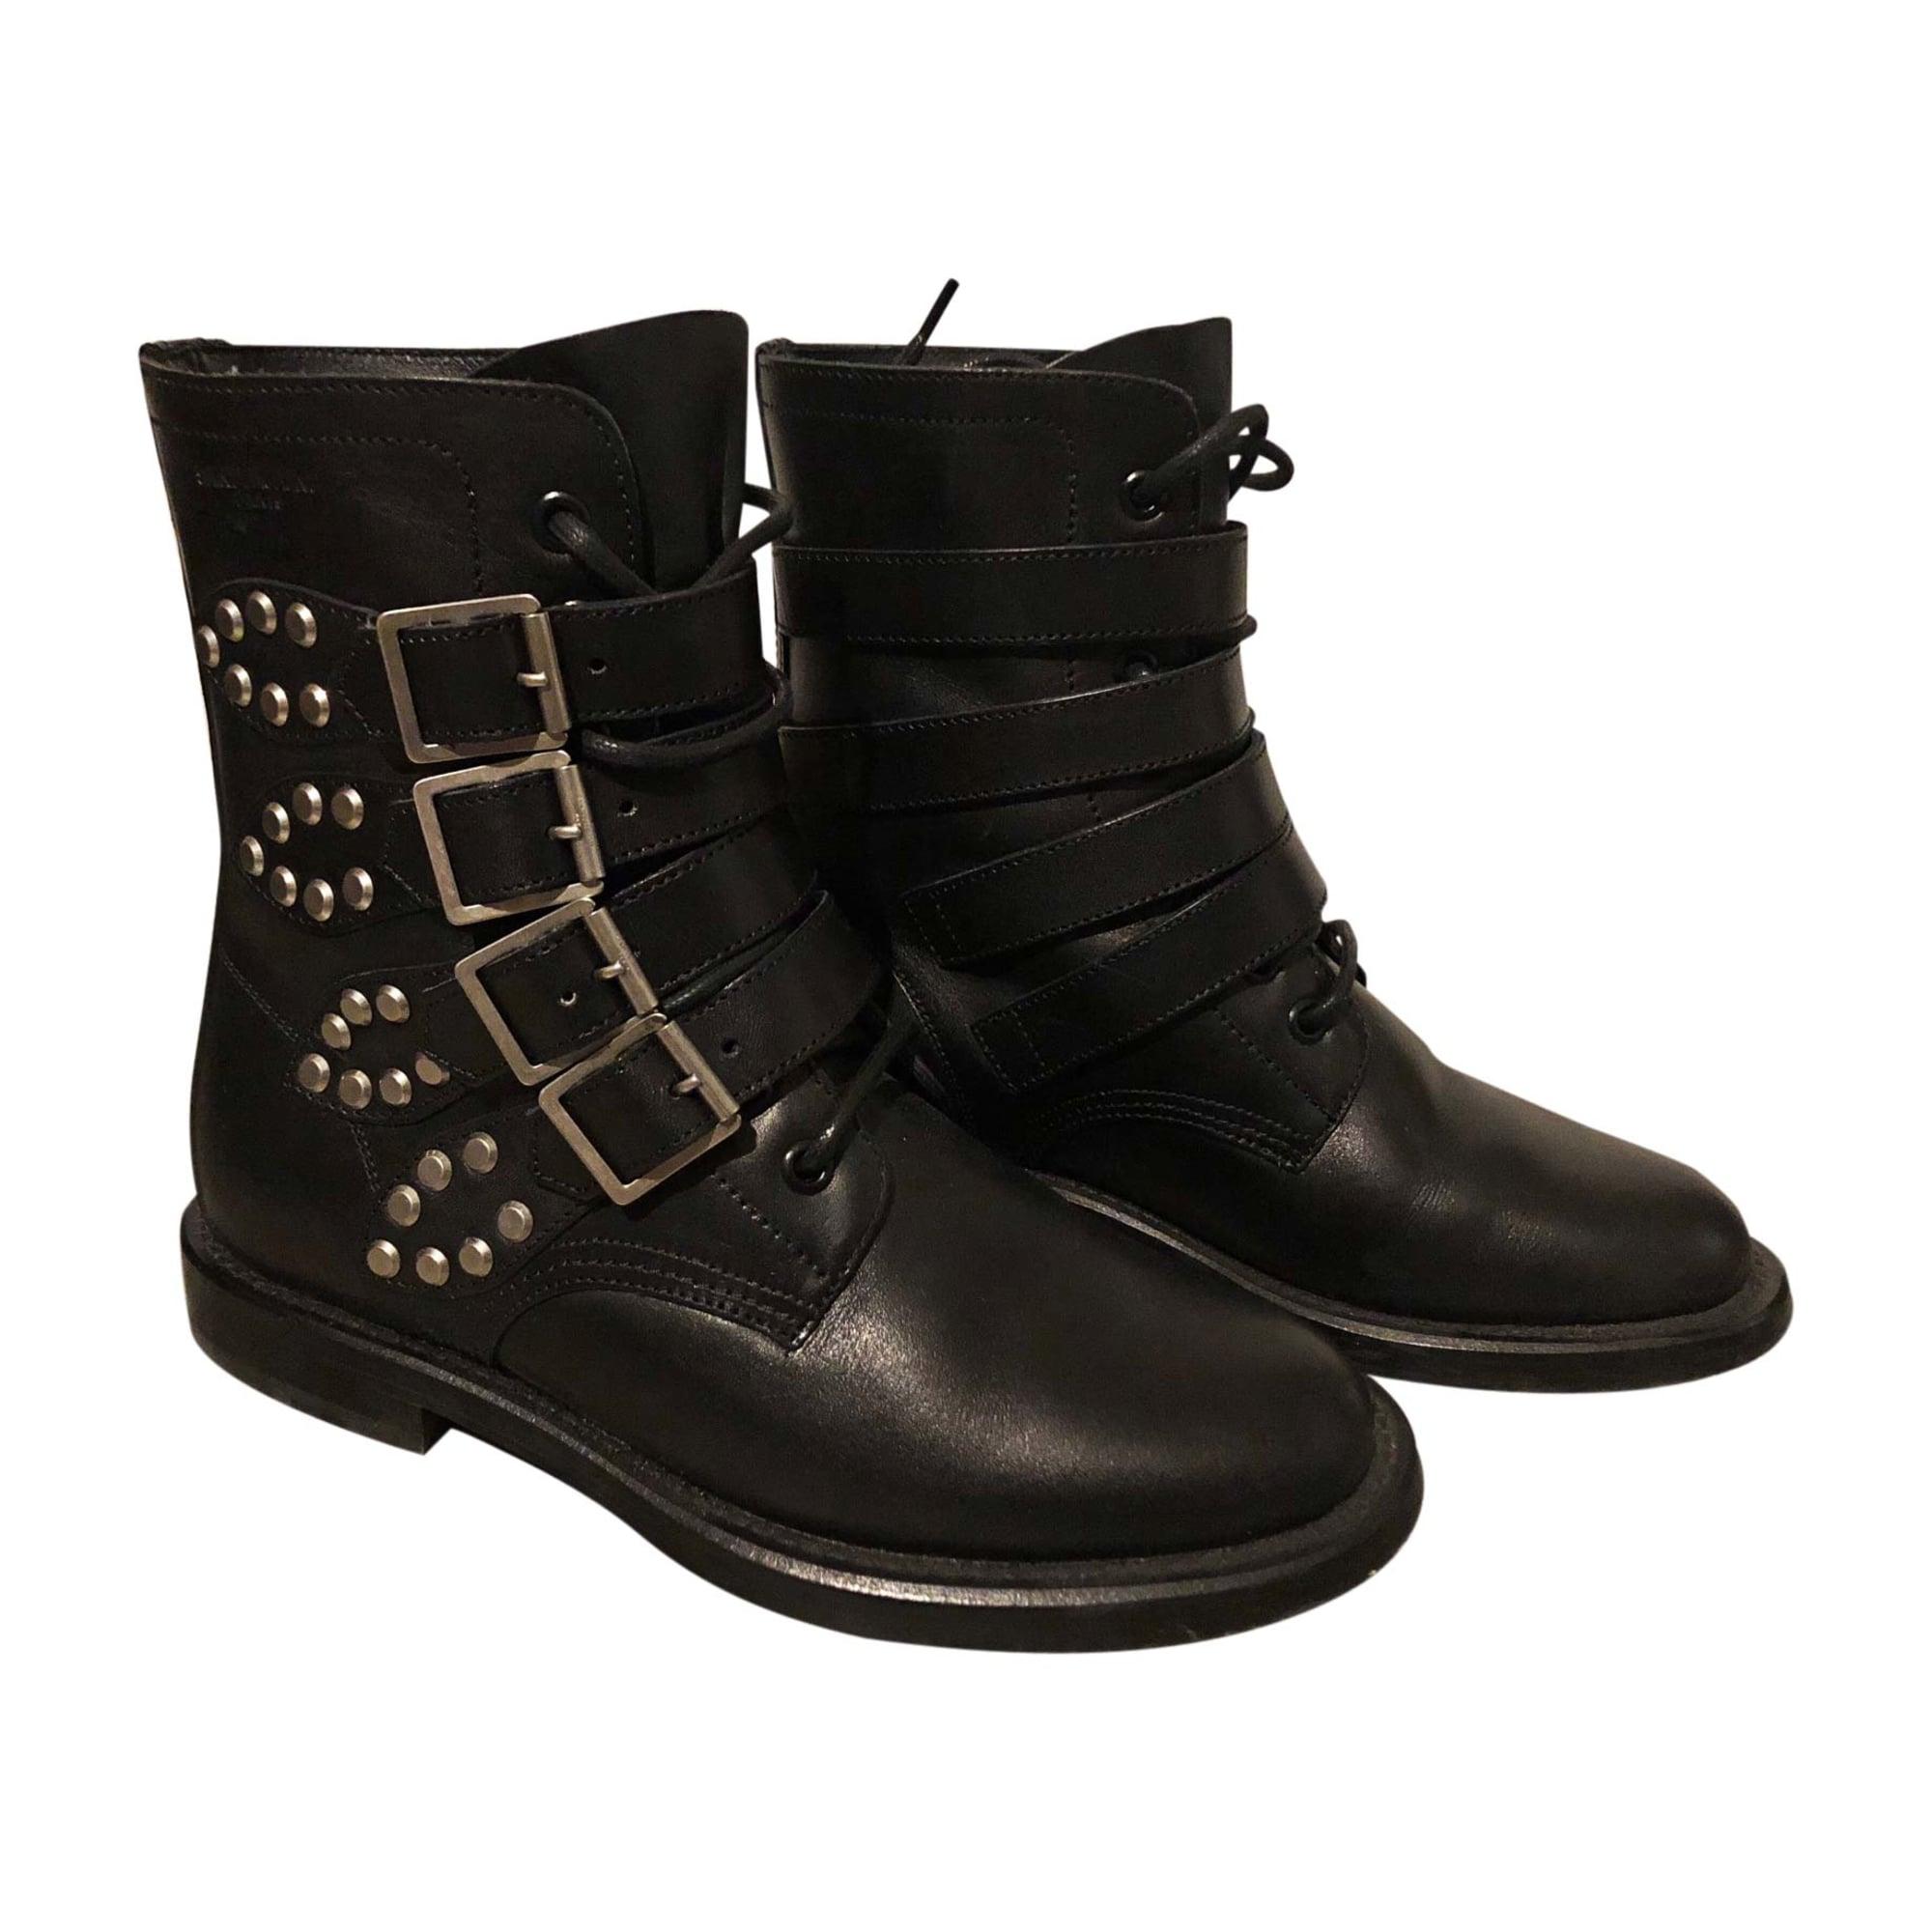 Bottines & low boots motards SAINT LAURENT Noir